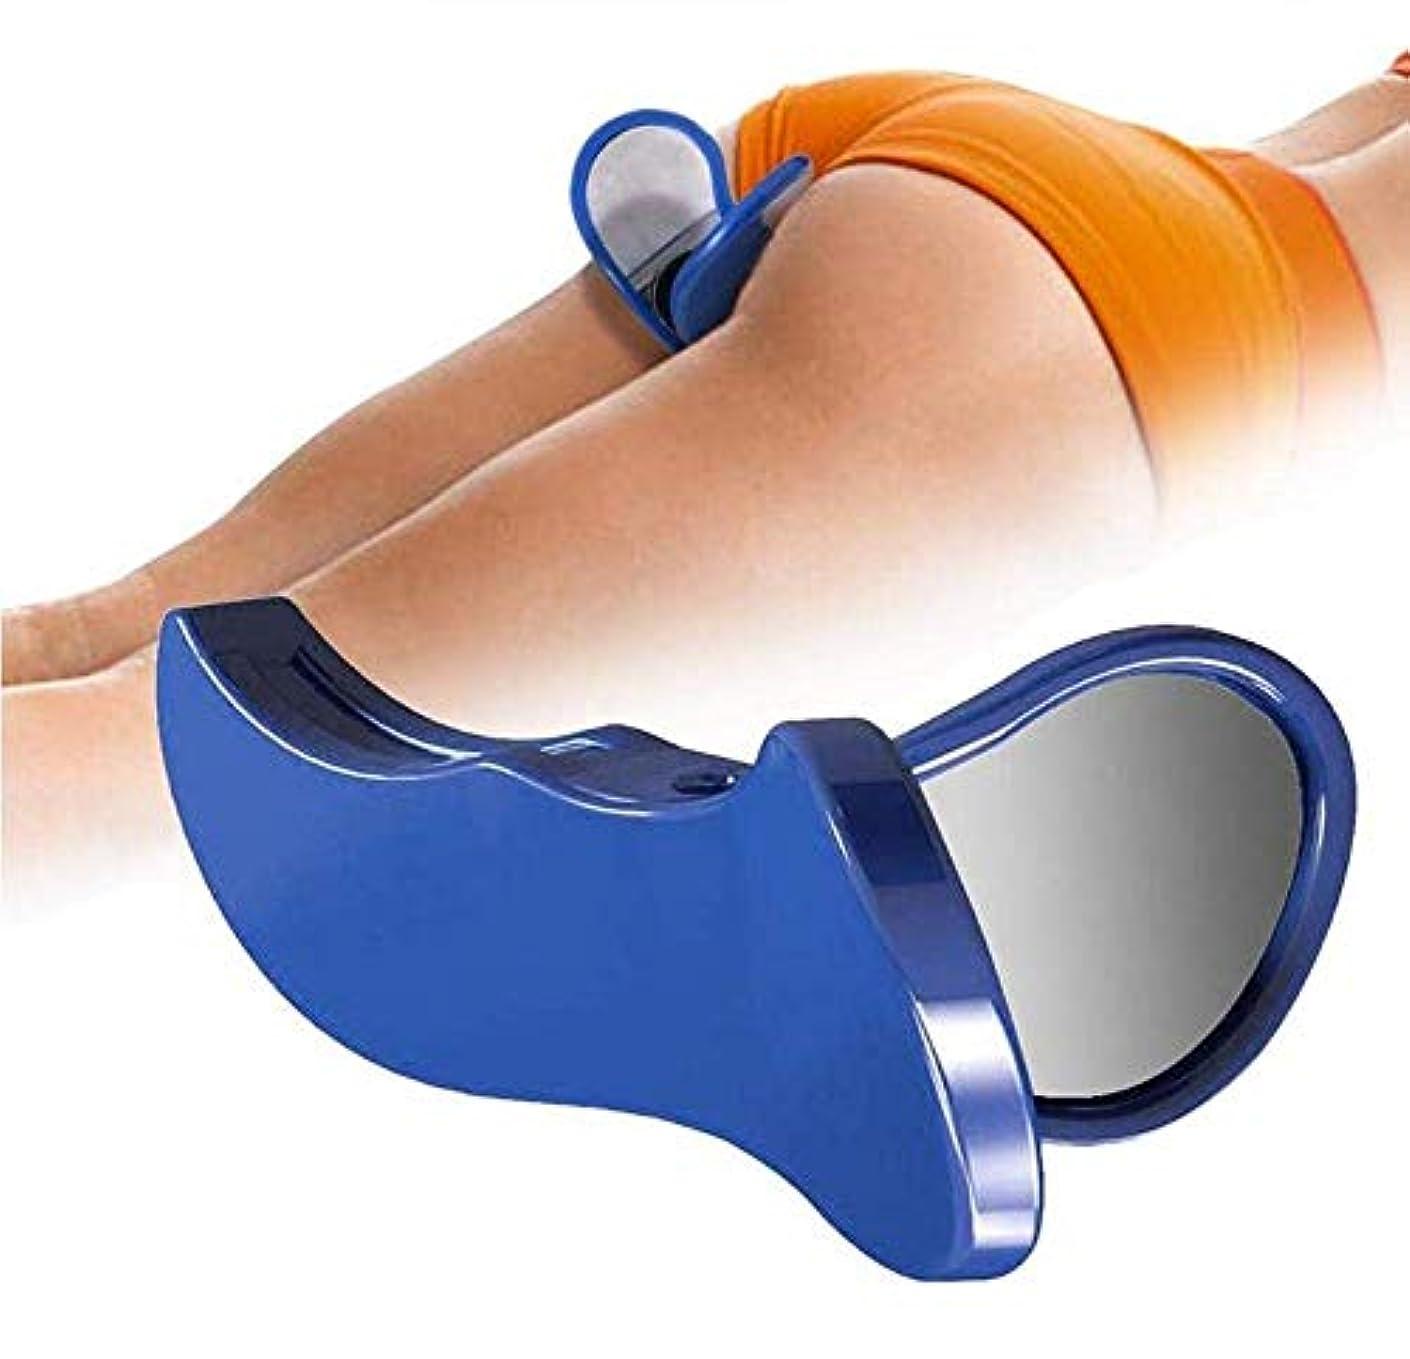 ハイライトエイリアン誘惑スーパーケーゲルエクササイザー膀胱制御ポータブルヒップ脂肪燃焼フィットネス機器骨盤床エクササイズマッサージクランプ